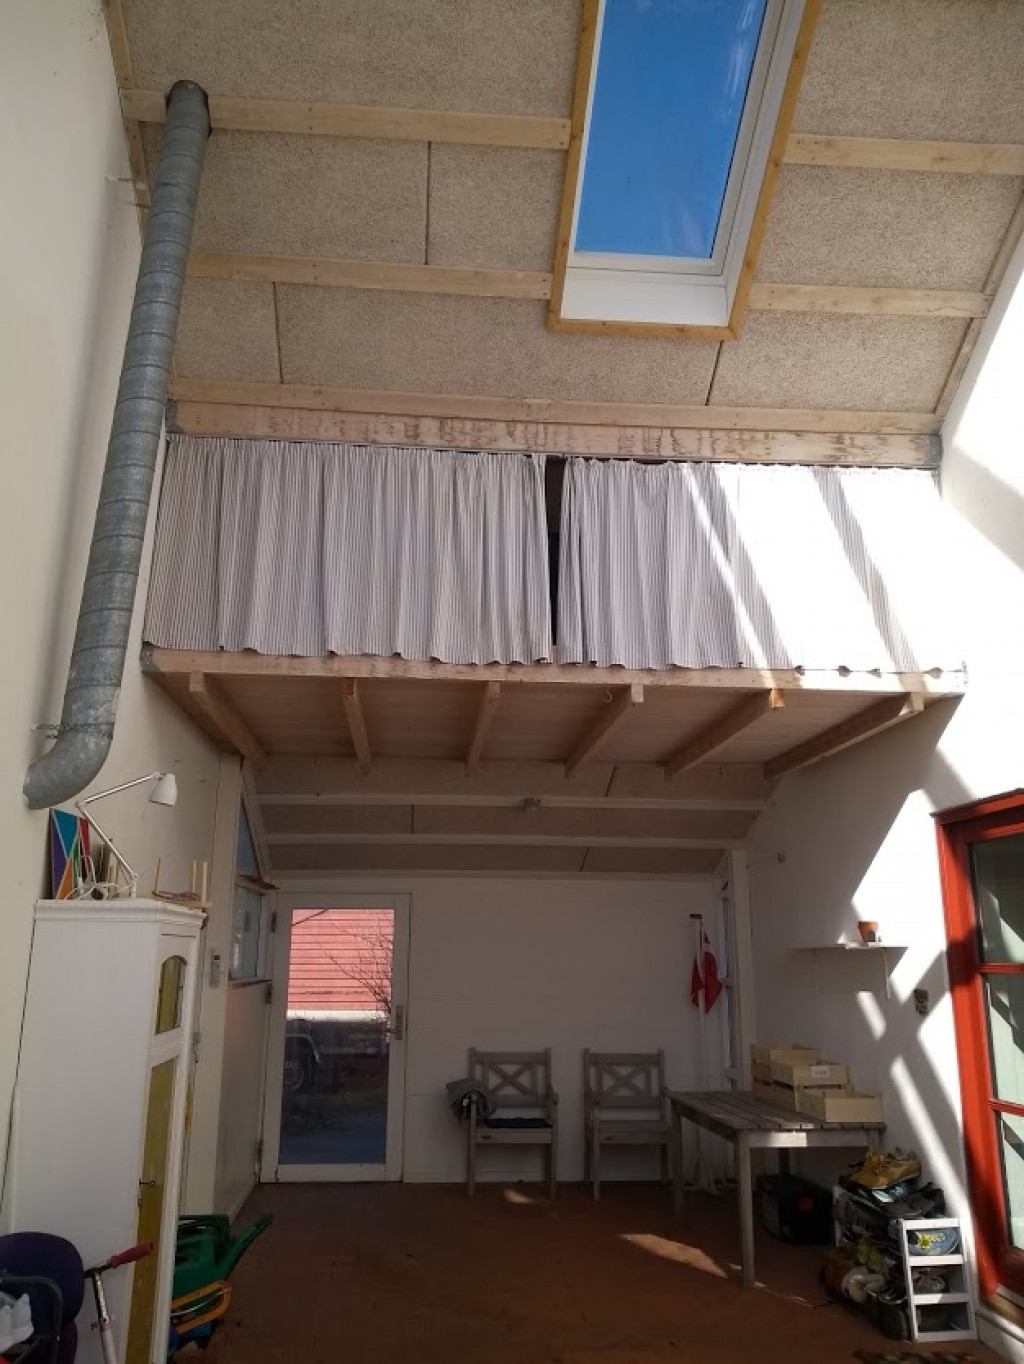 Hus til salg i Bofællesskabet I Gug - mellembygning_9cc8d8163c2627242a78131517ab001f